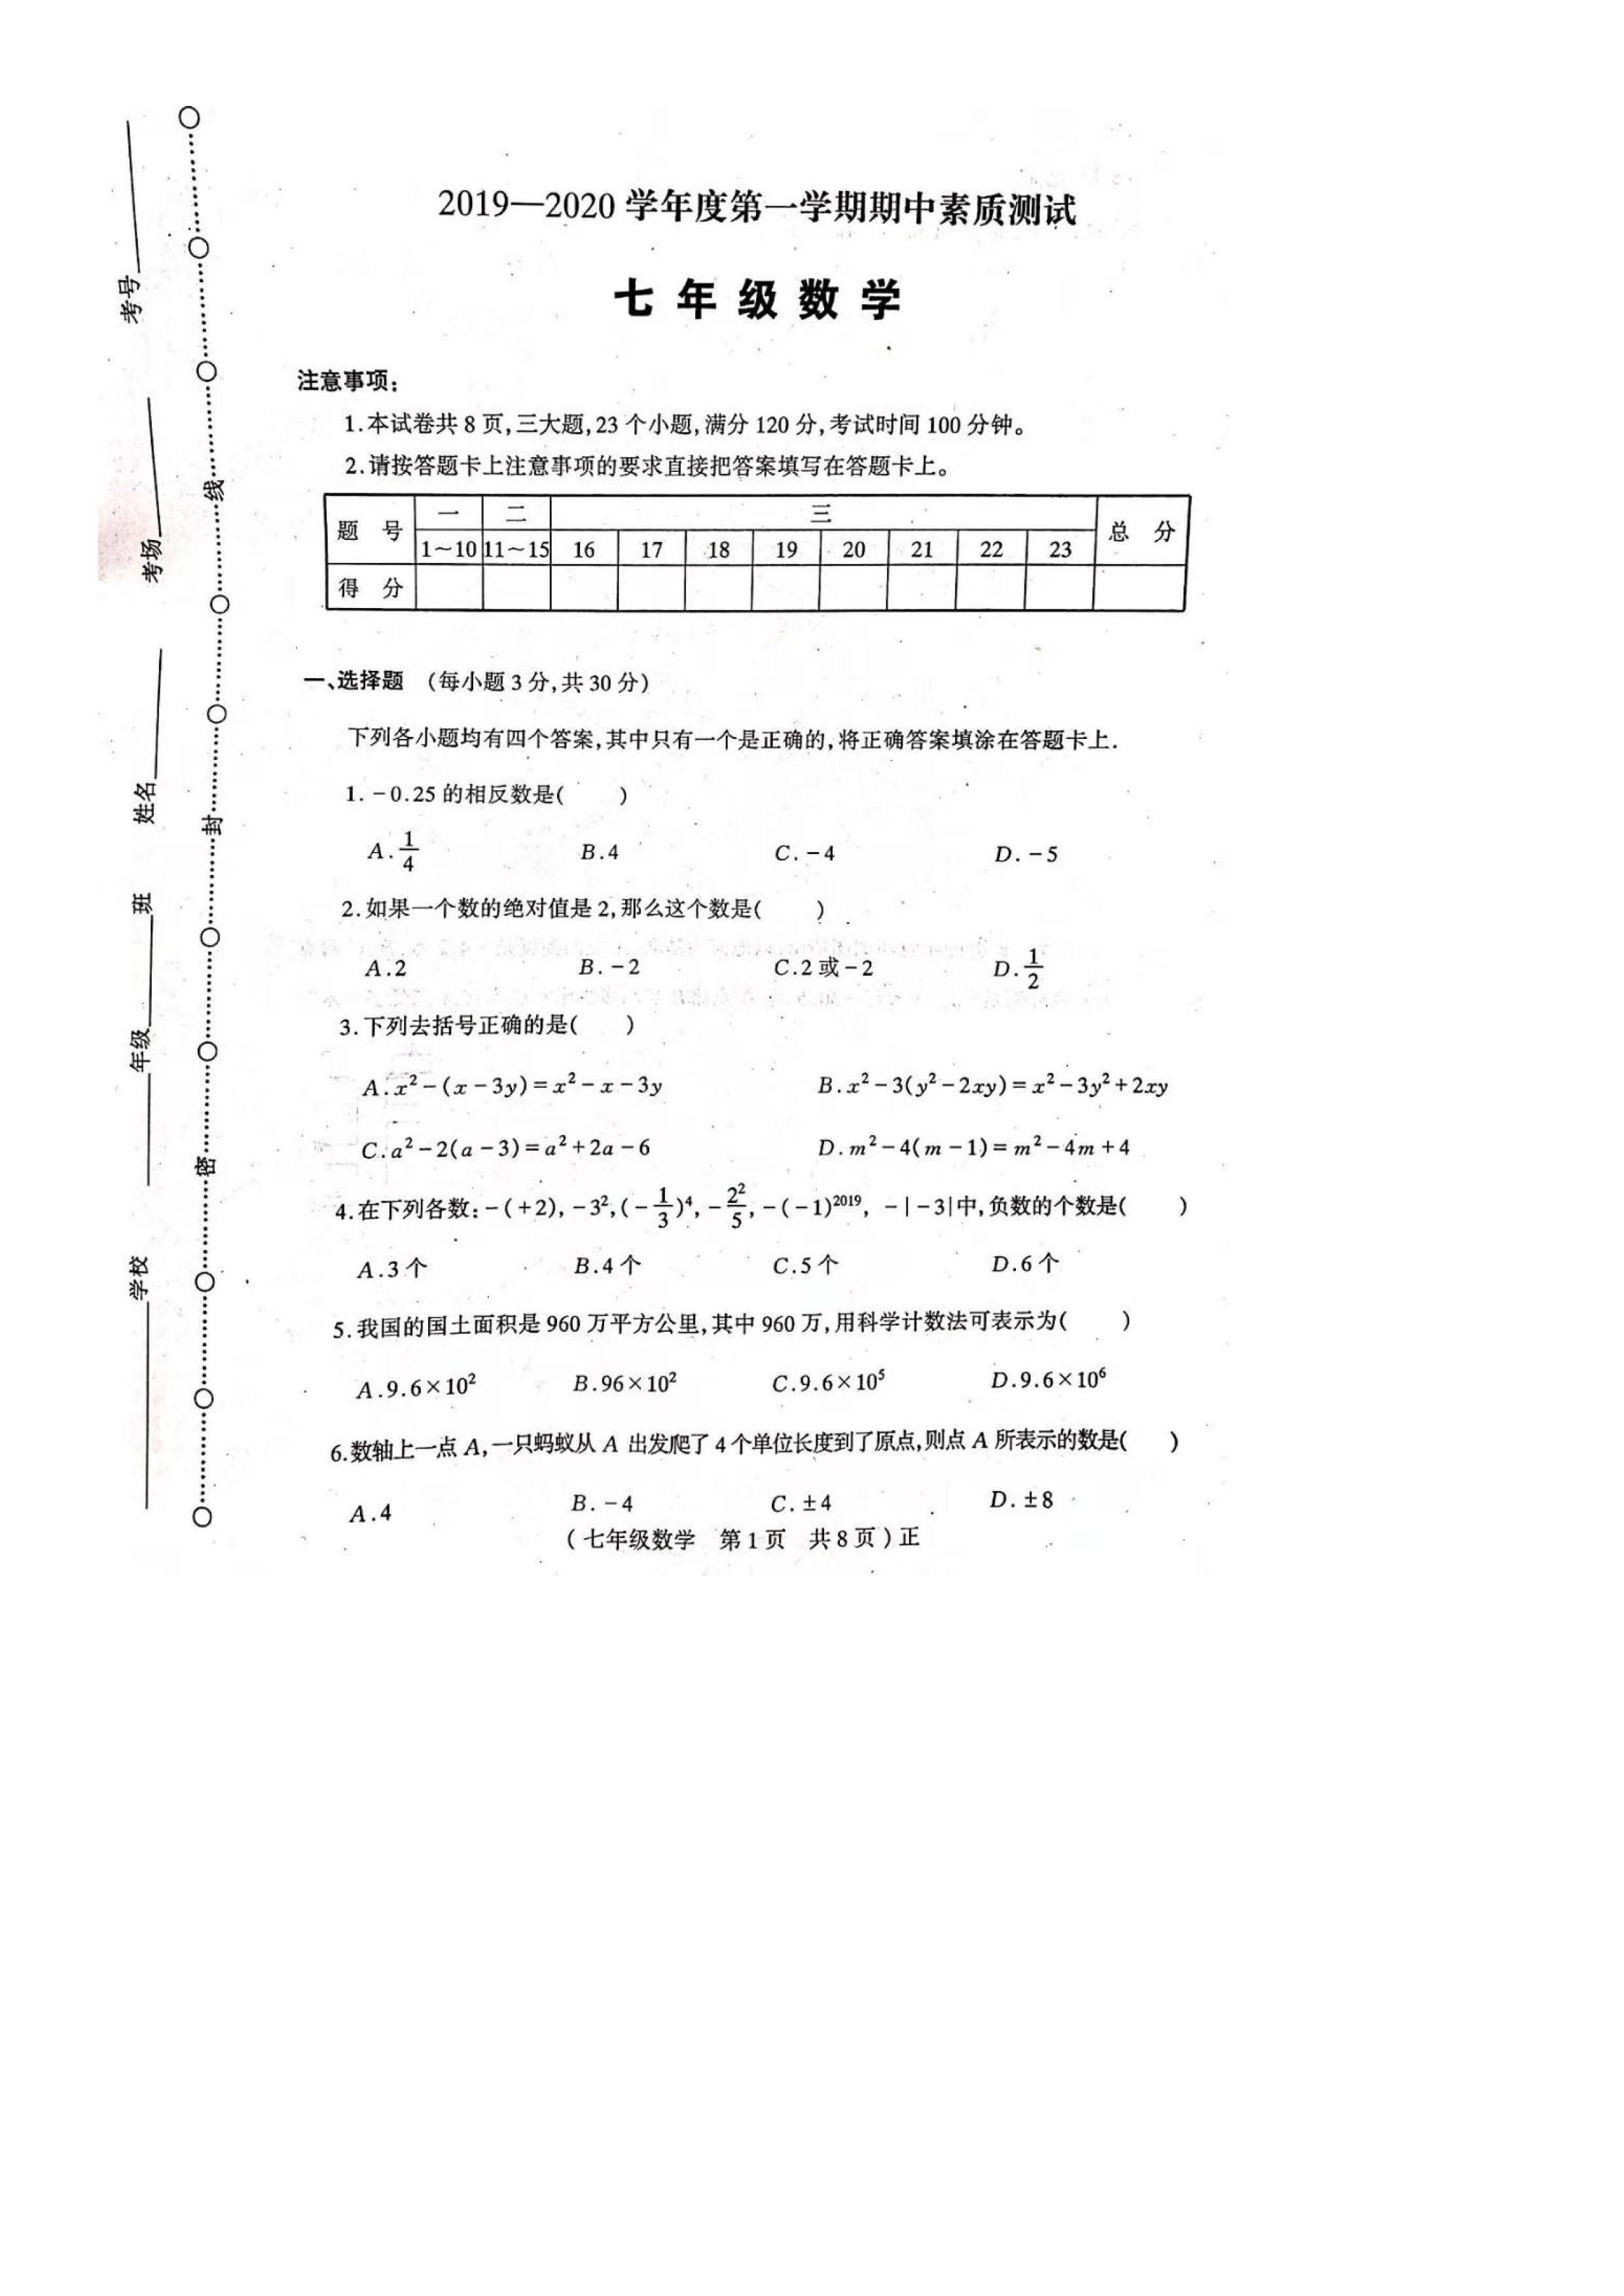 2019-2020驻马店正阳县七年级上册数学期中试题无答案(图片版)